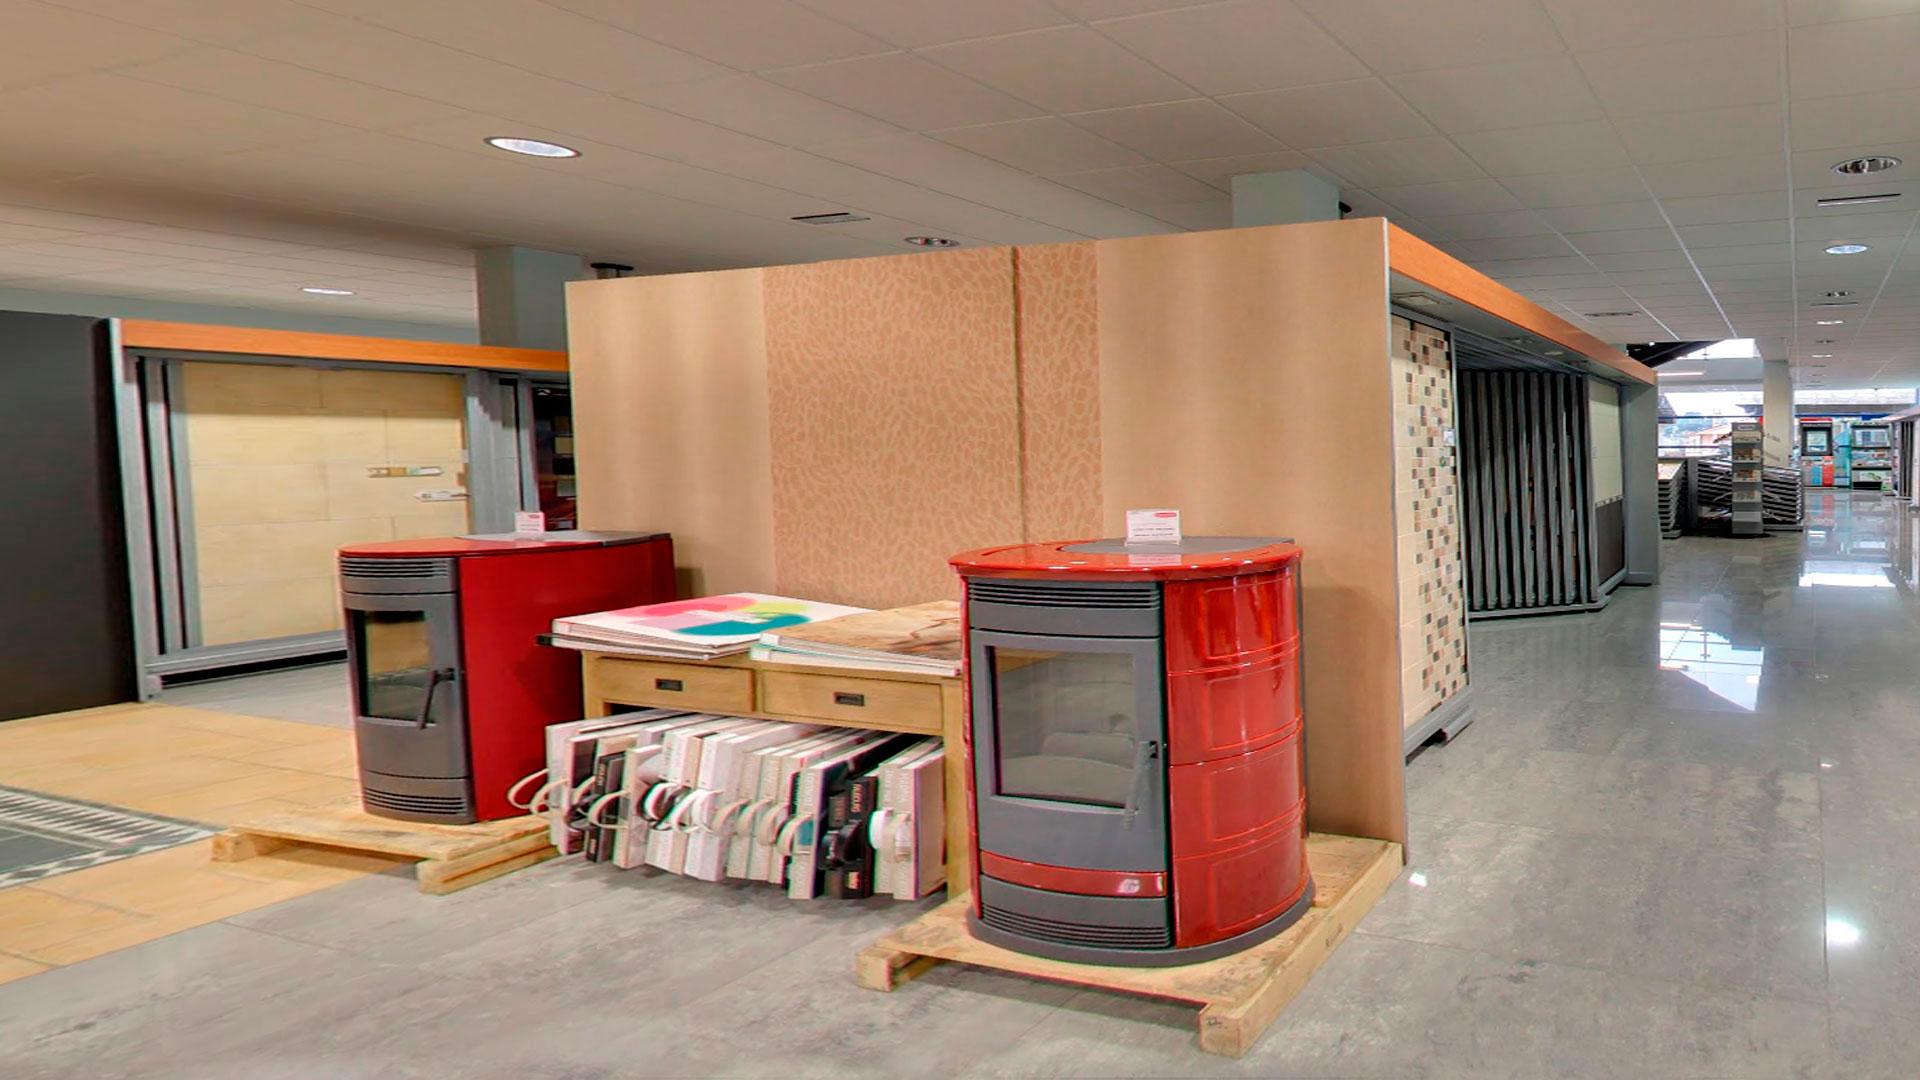 Est s pensando en instalar una estufa de pellets - Instalar una estufa de pellets ...